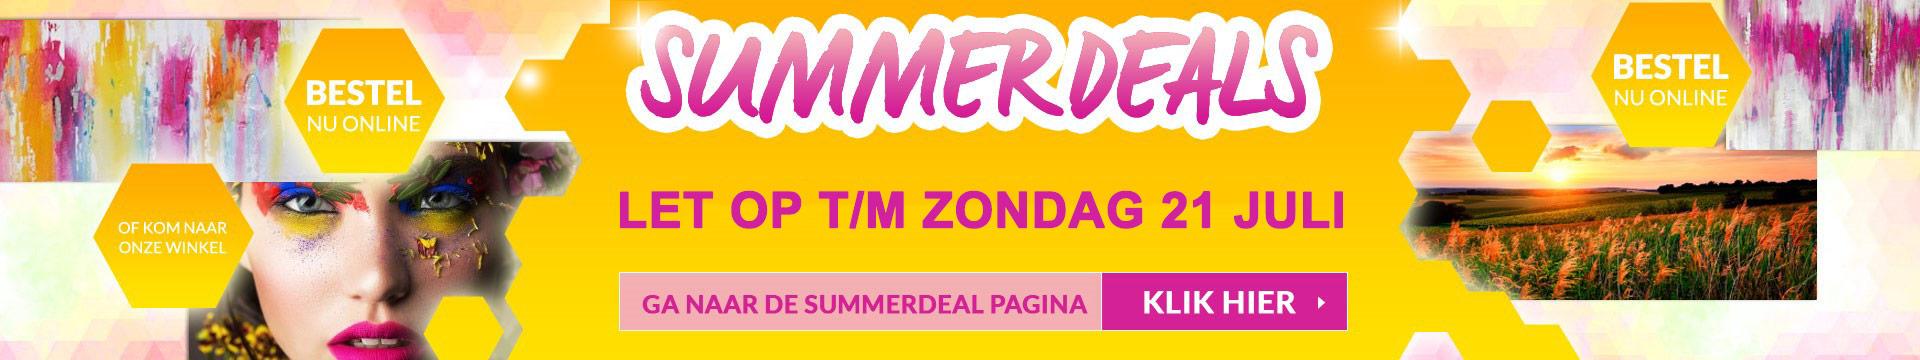 Schilderijen Summer Deals